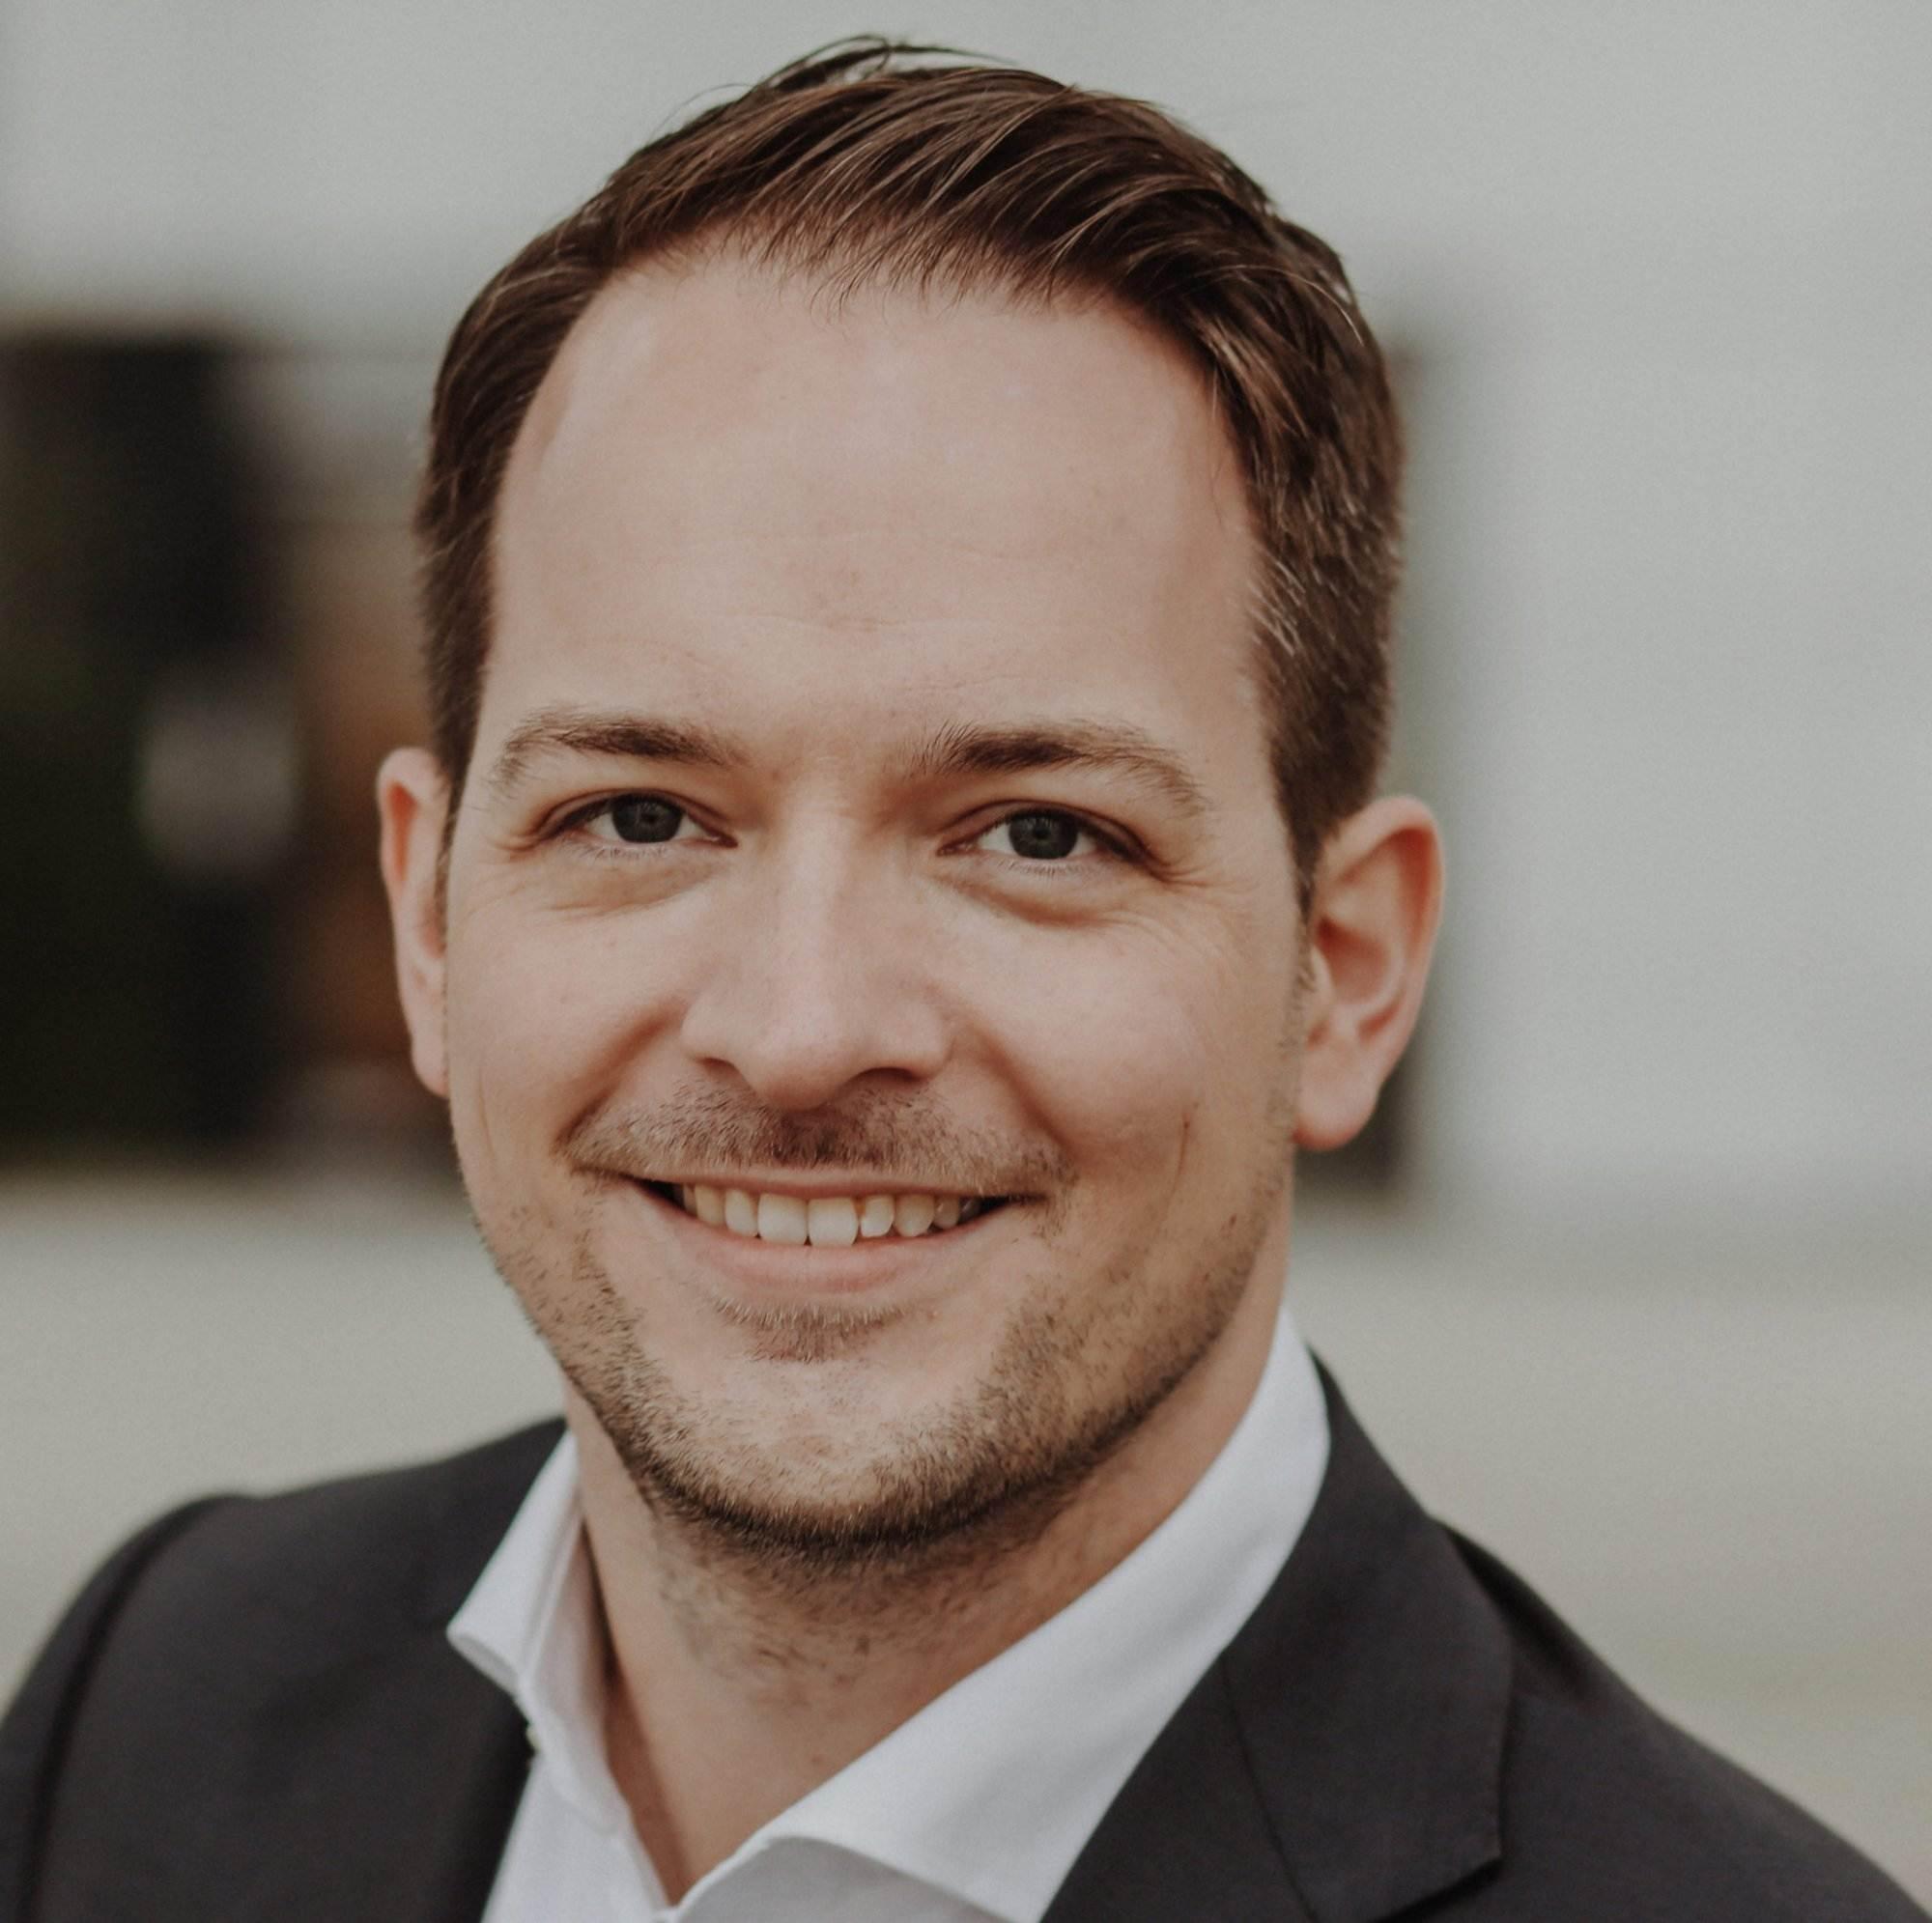 Als Unternehmen die beste SAP Personalberatung finden 357A1019 groß scaled  tipps, personalberatung, fuer-manager Unternehmen, Tricks, Tipps, Schwarze Schafe, Personalberatung, Personalberater, Manager, IT, HR, Headhunting, Fachbereich, Executive Search sap personalberater SAP Kandidaten SAP Jobs